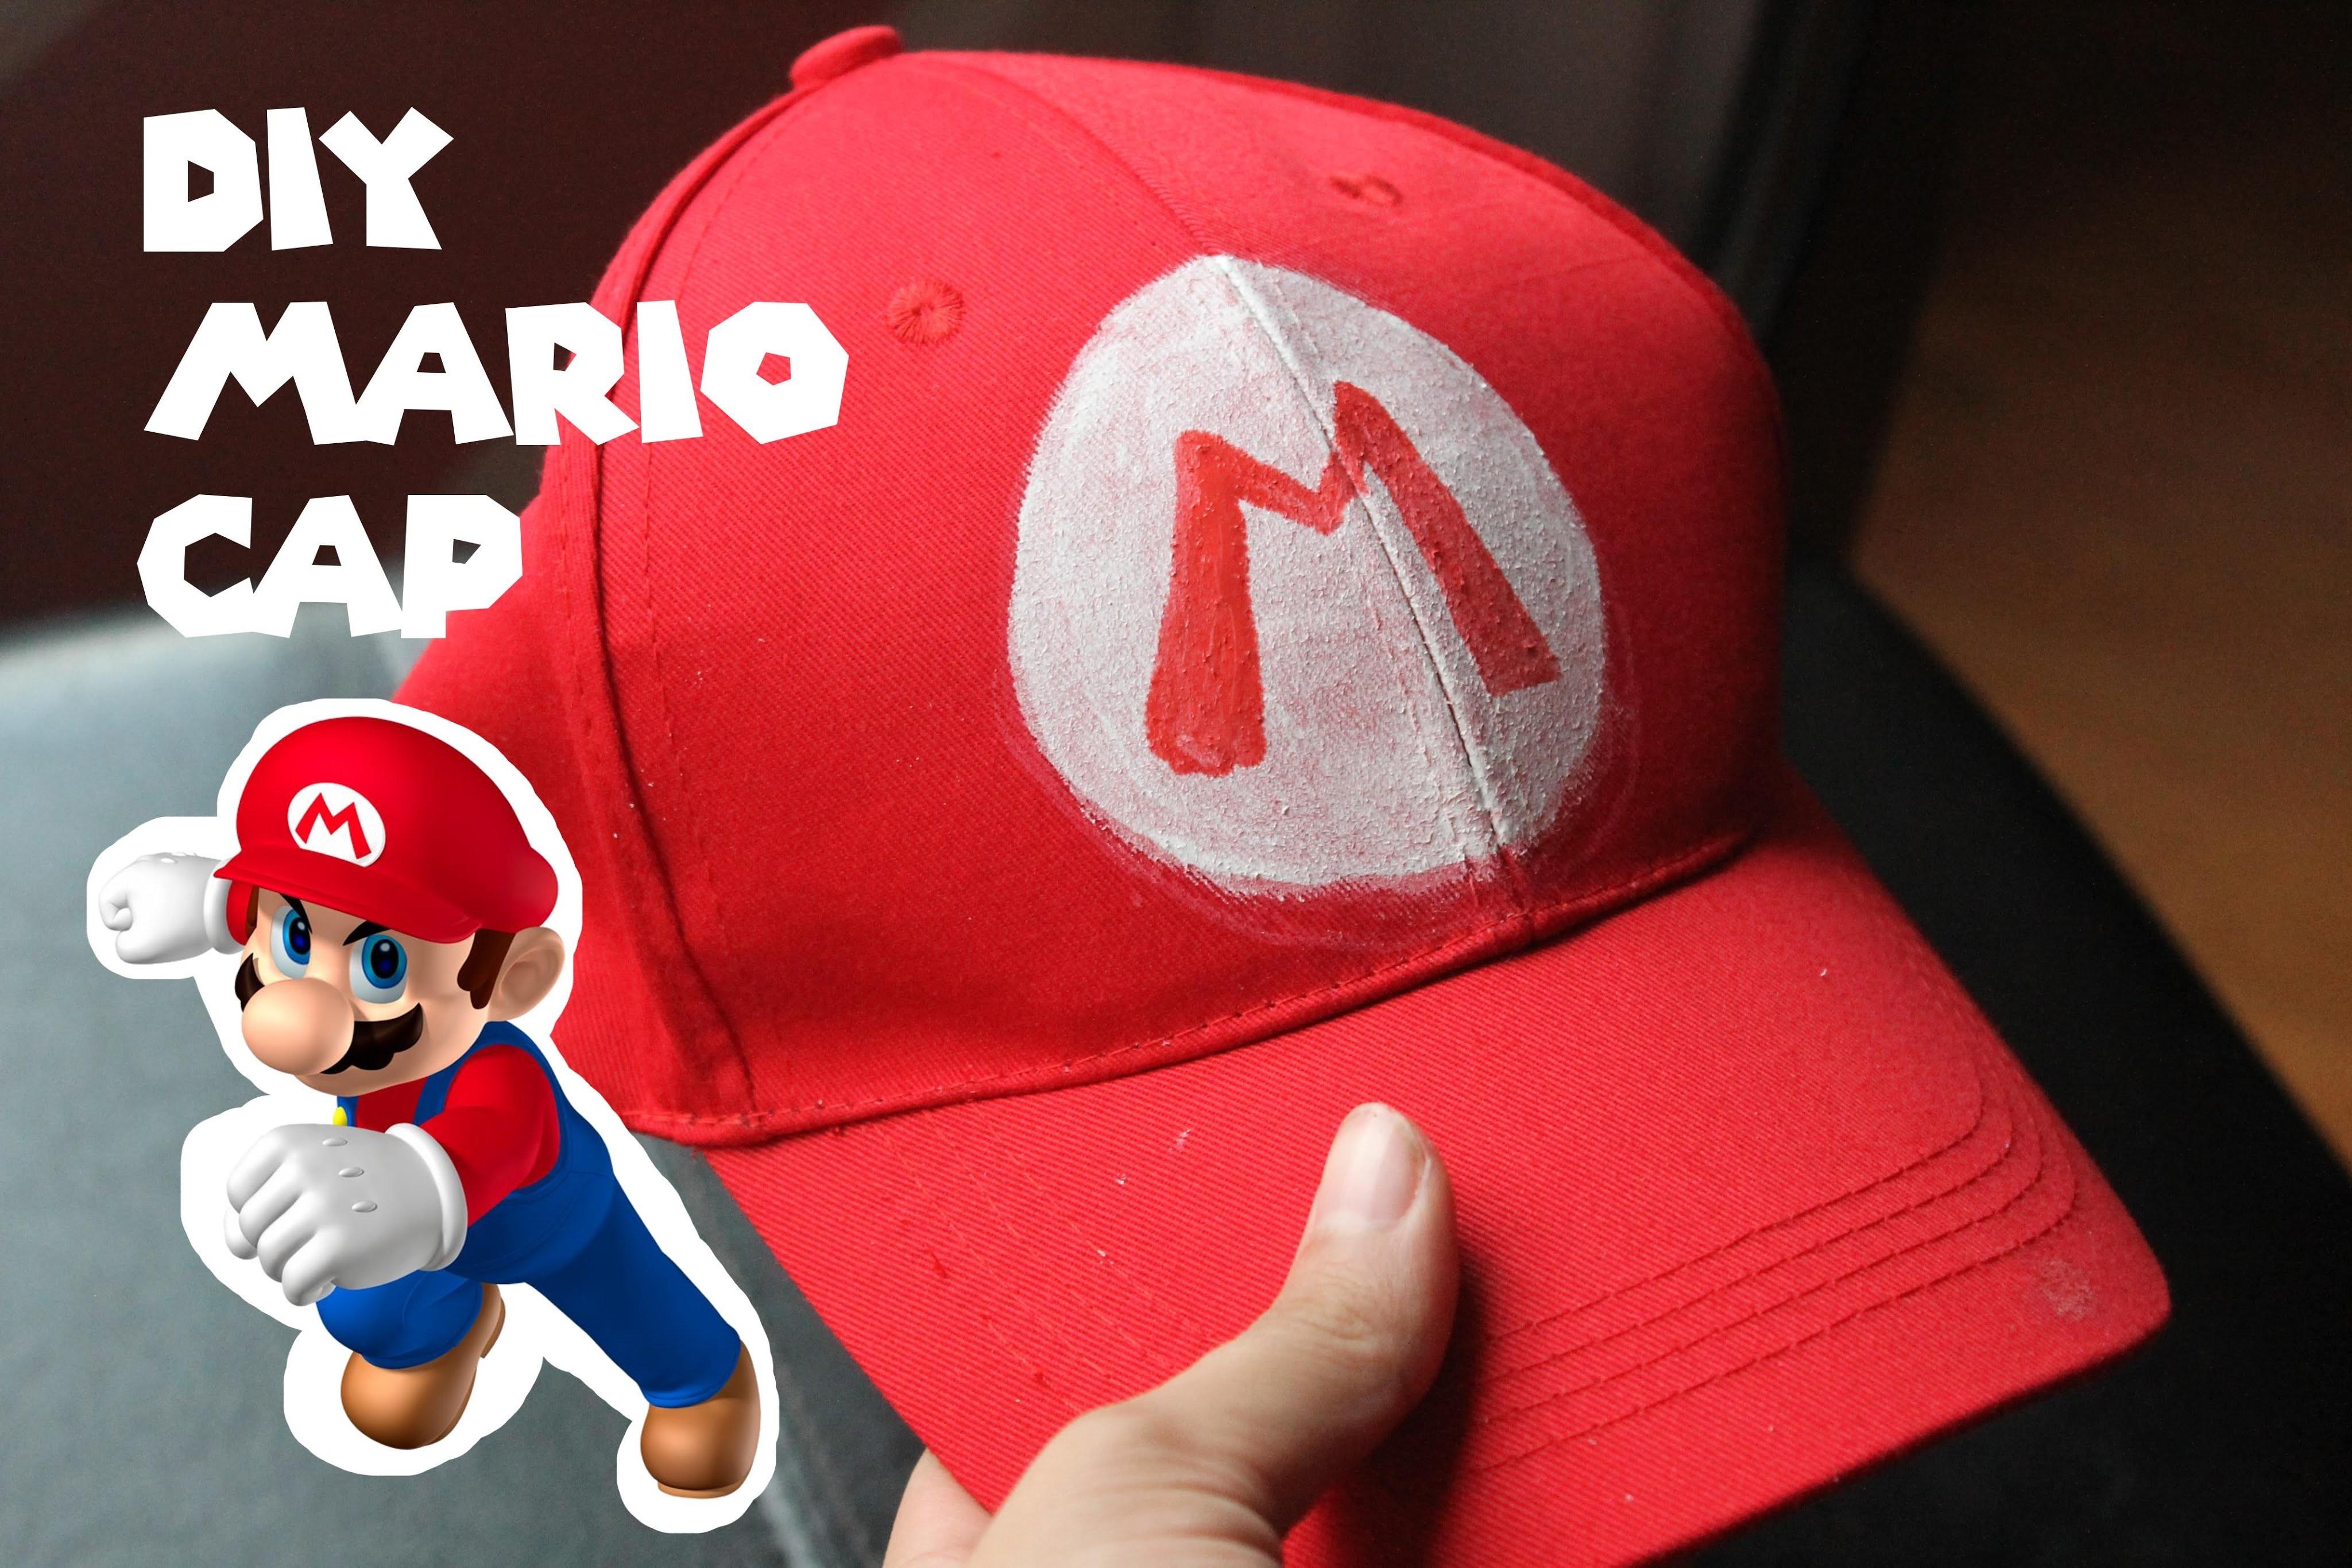 DIY Mario Cap